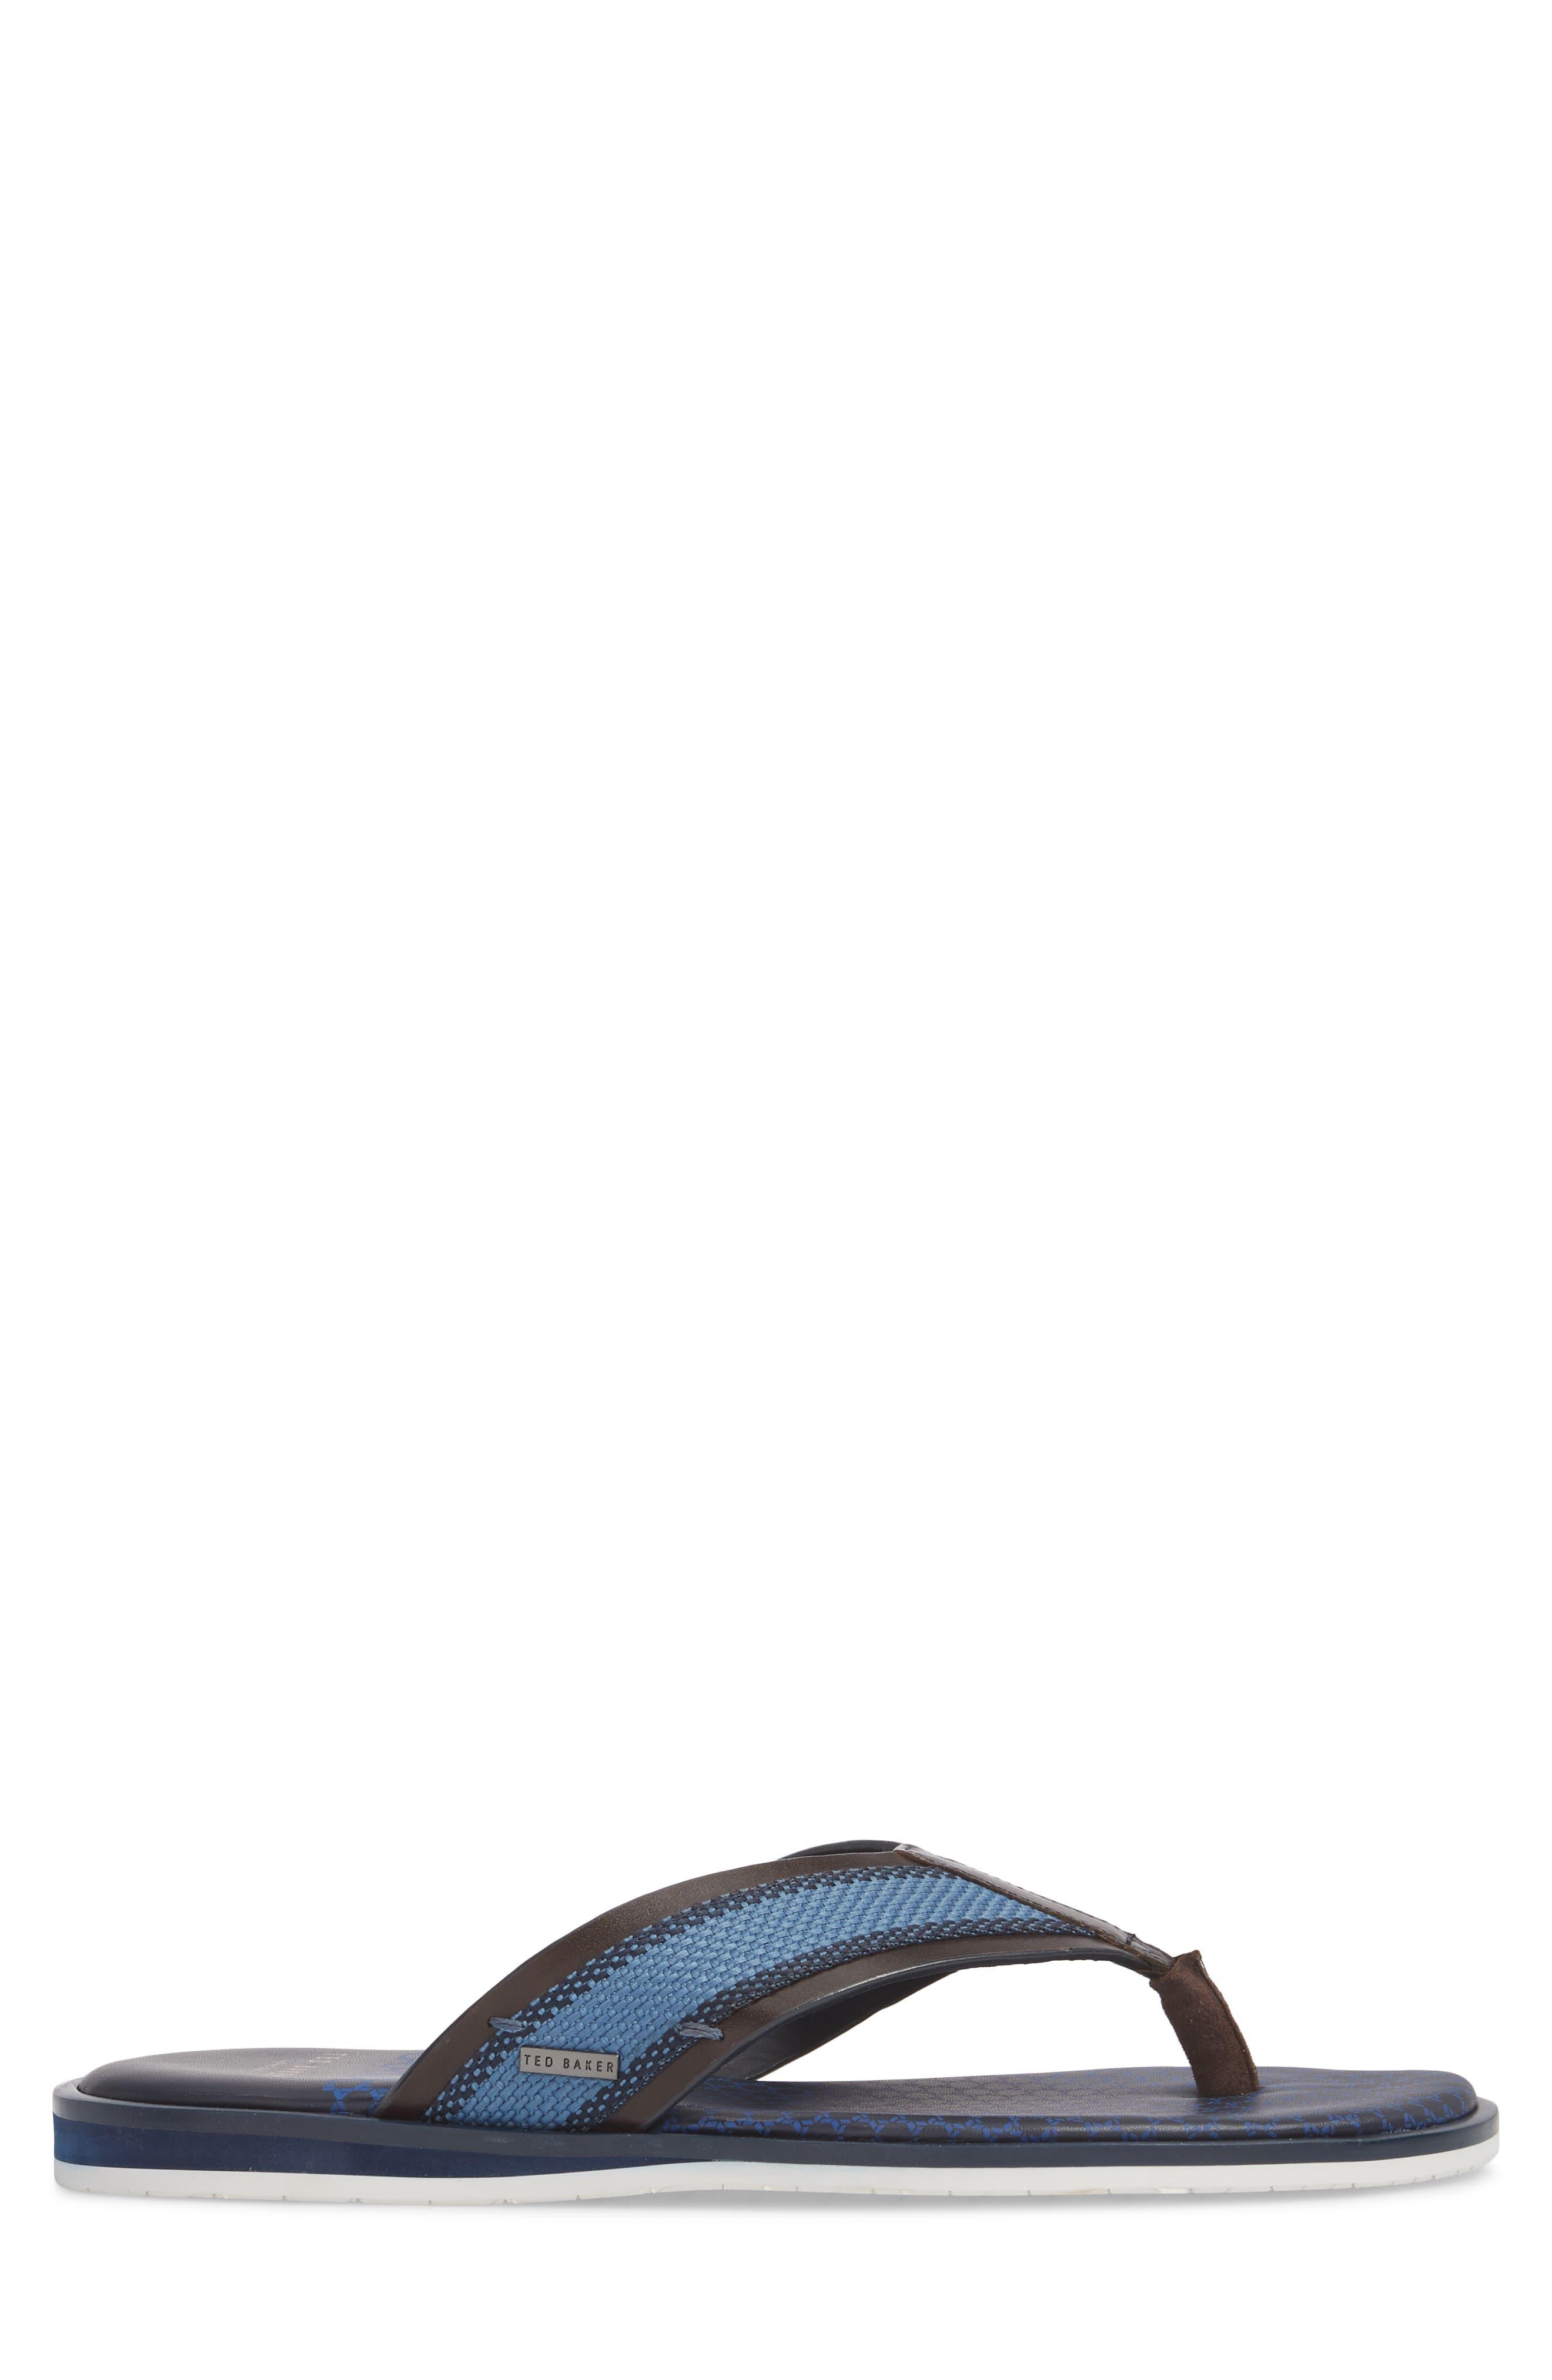 Knowlun Flip Flop,                             Alternate thumbnail 3, color,                             Brown Leather/Textile